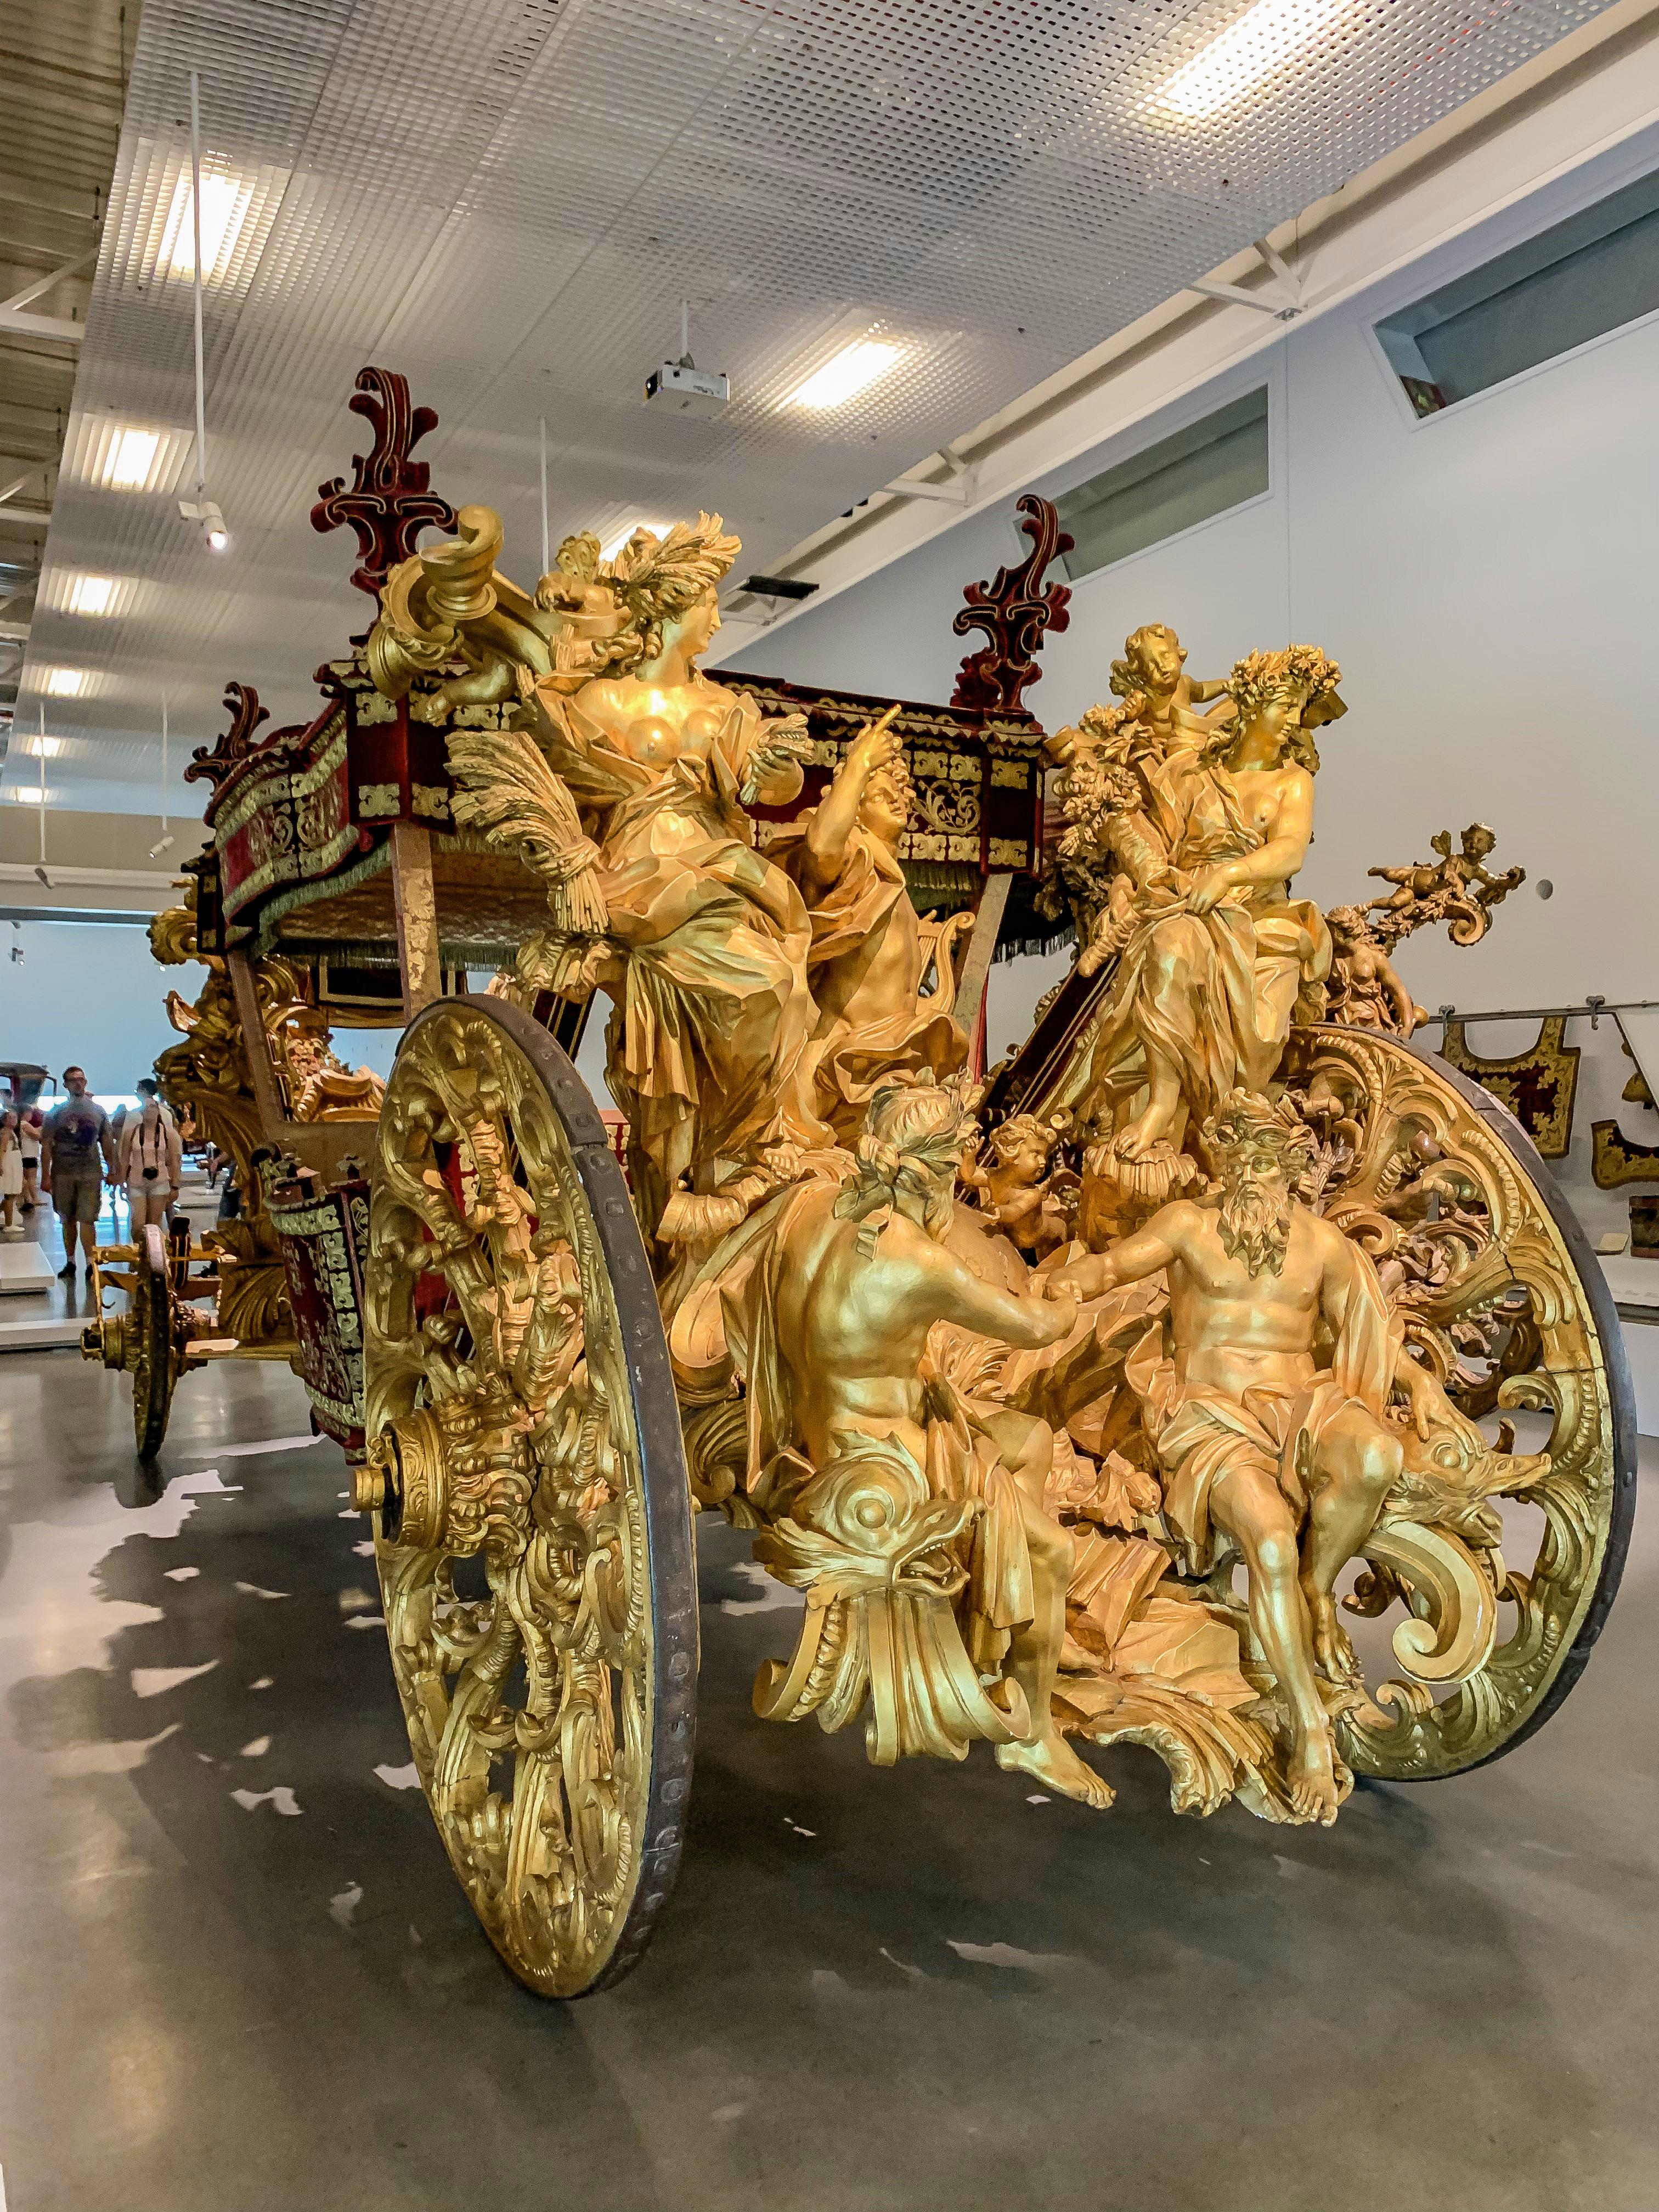 Szerintem a gyönyörű hintókat bemutató Museu dos Coches is megér egy misét